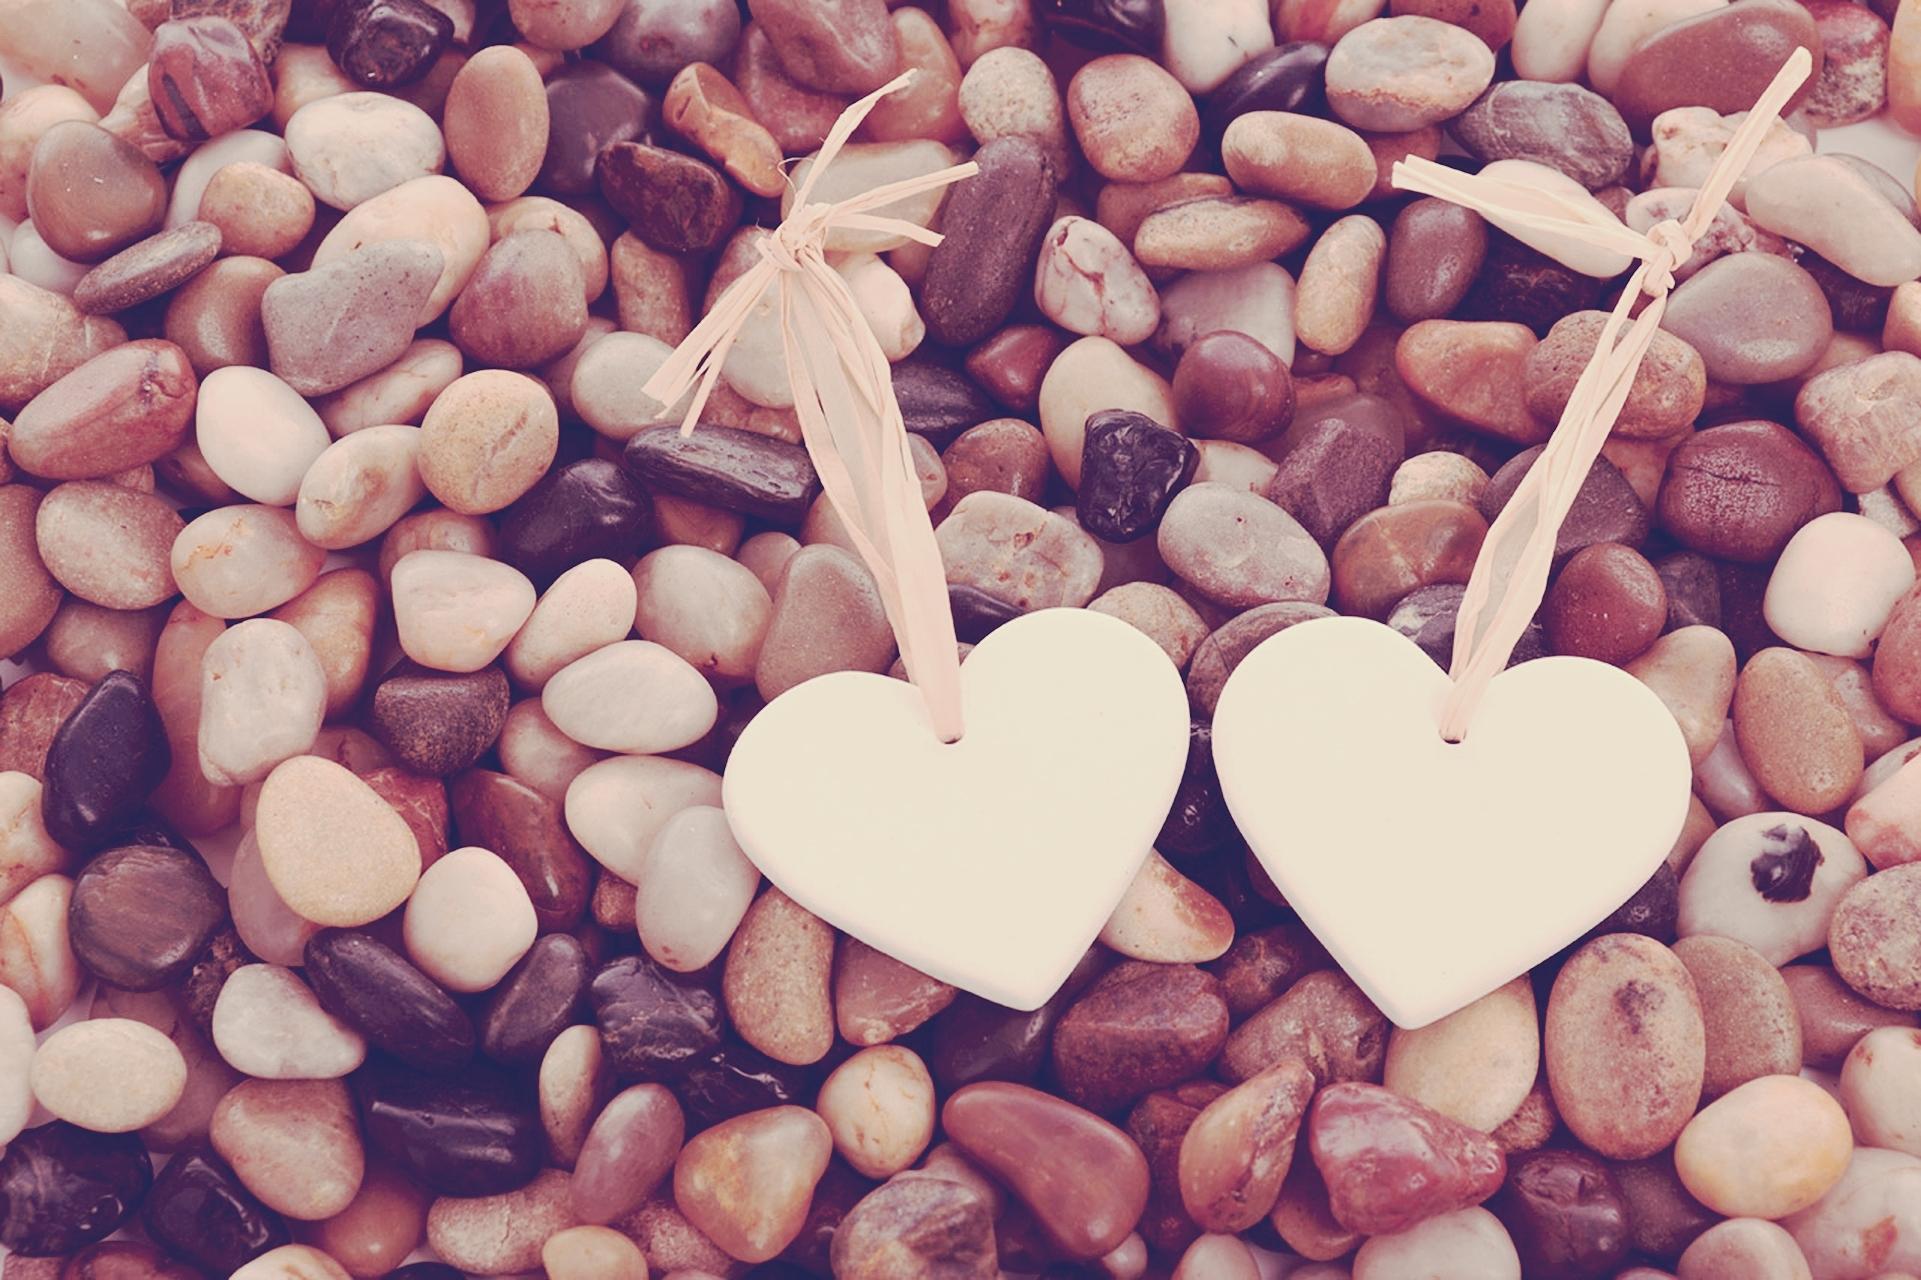 любовь камни надпись  № 3452581 загрузить